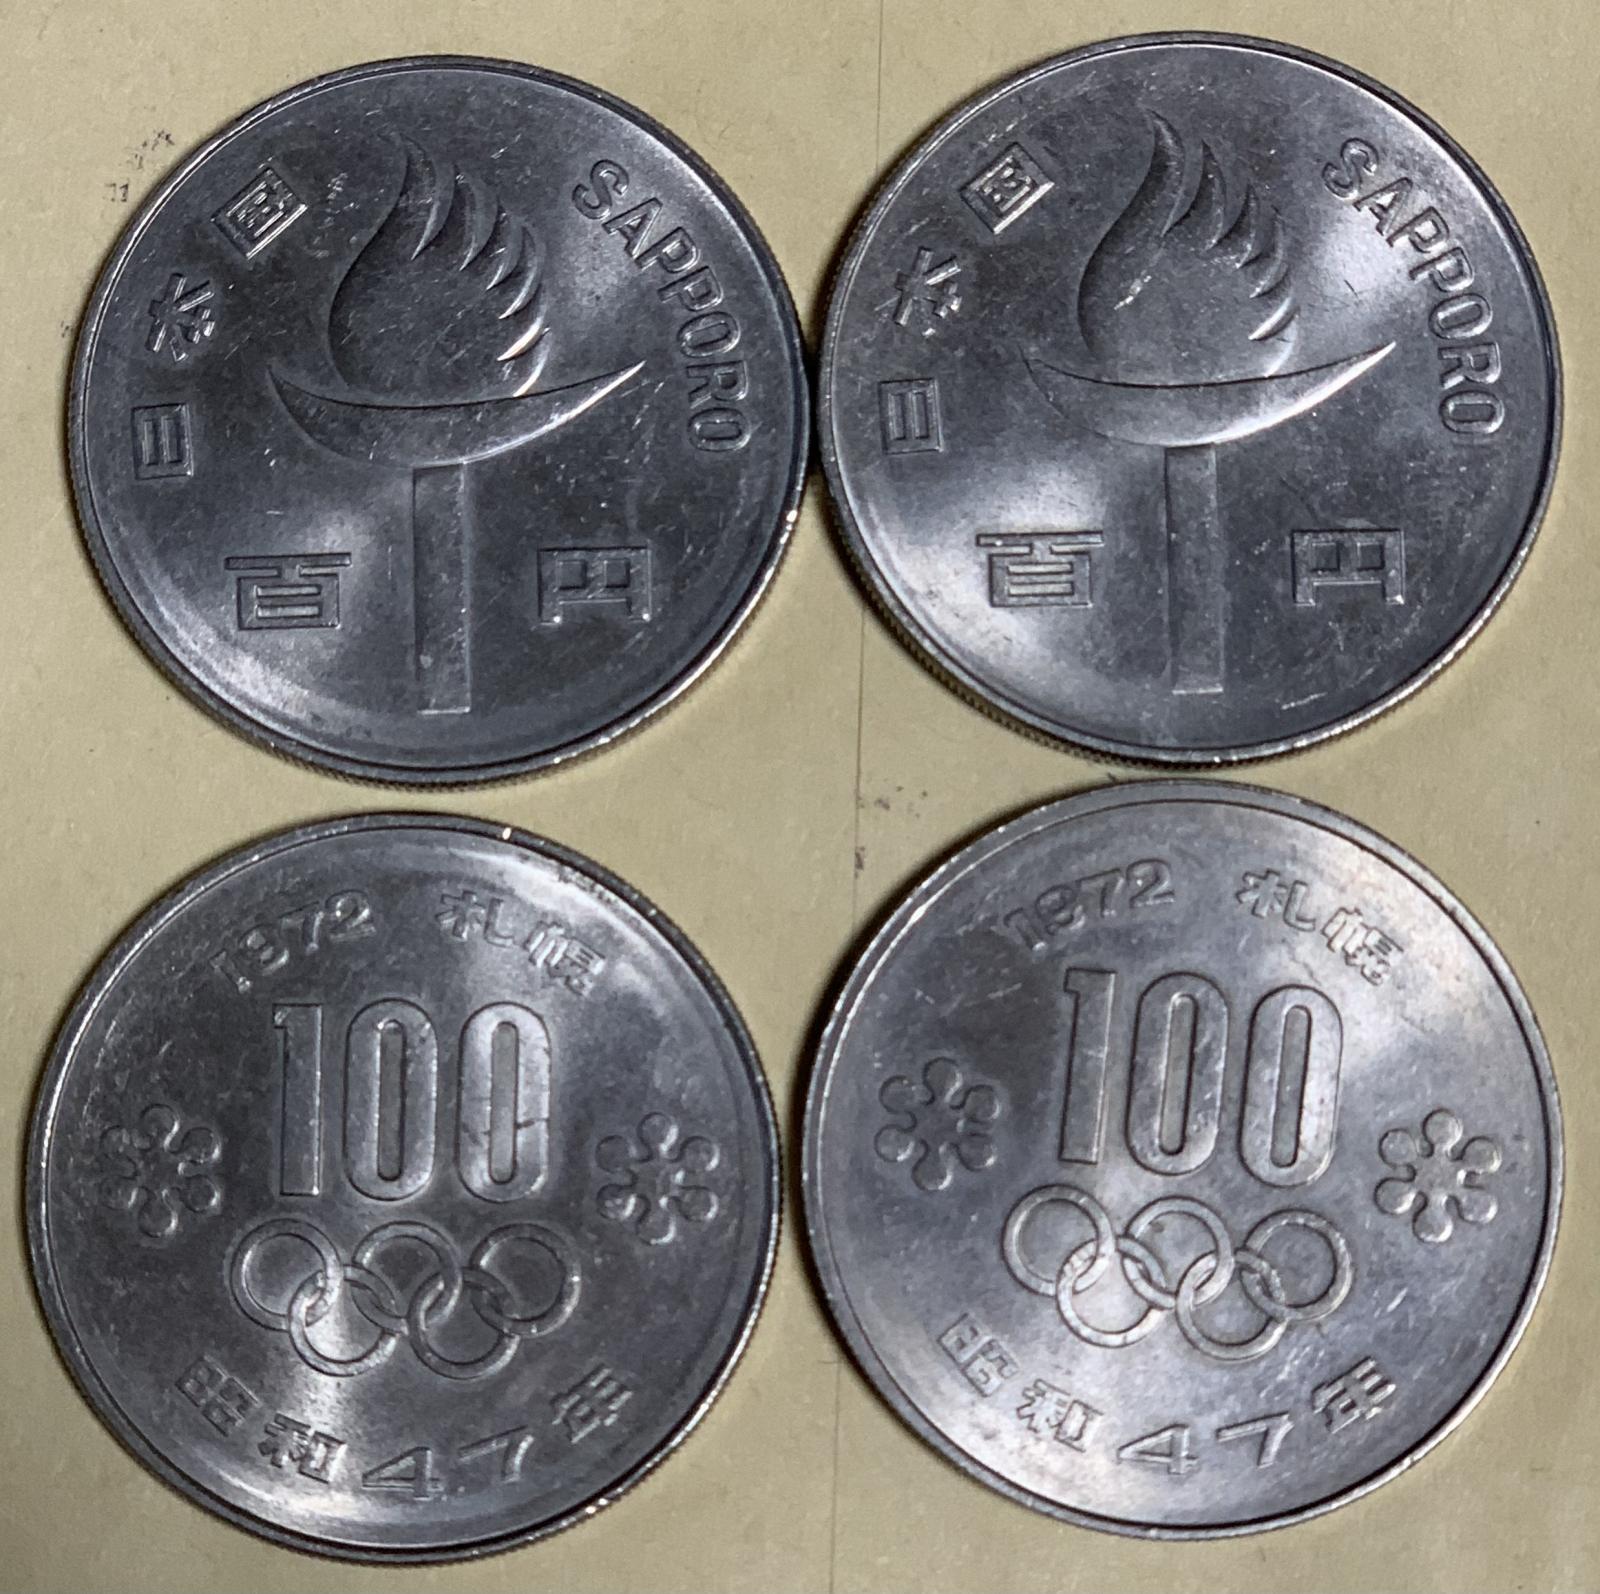 局 オリンピック 記念 硬貨 郵便